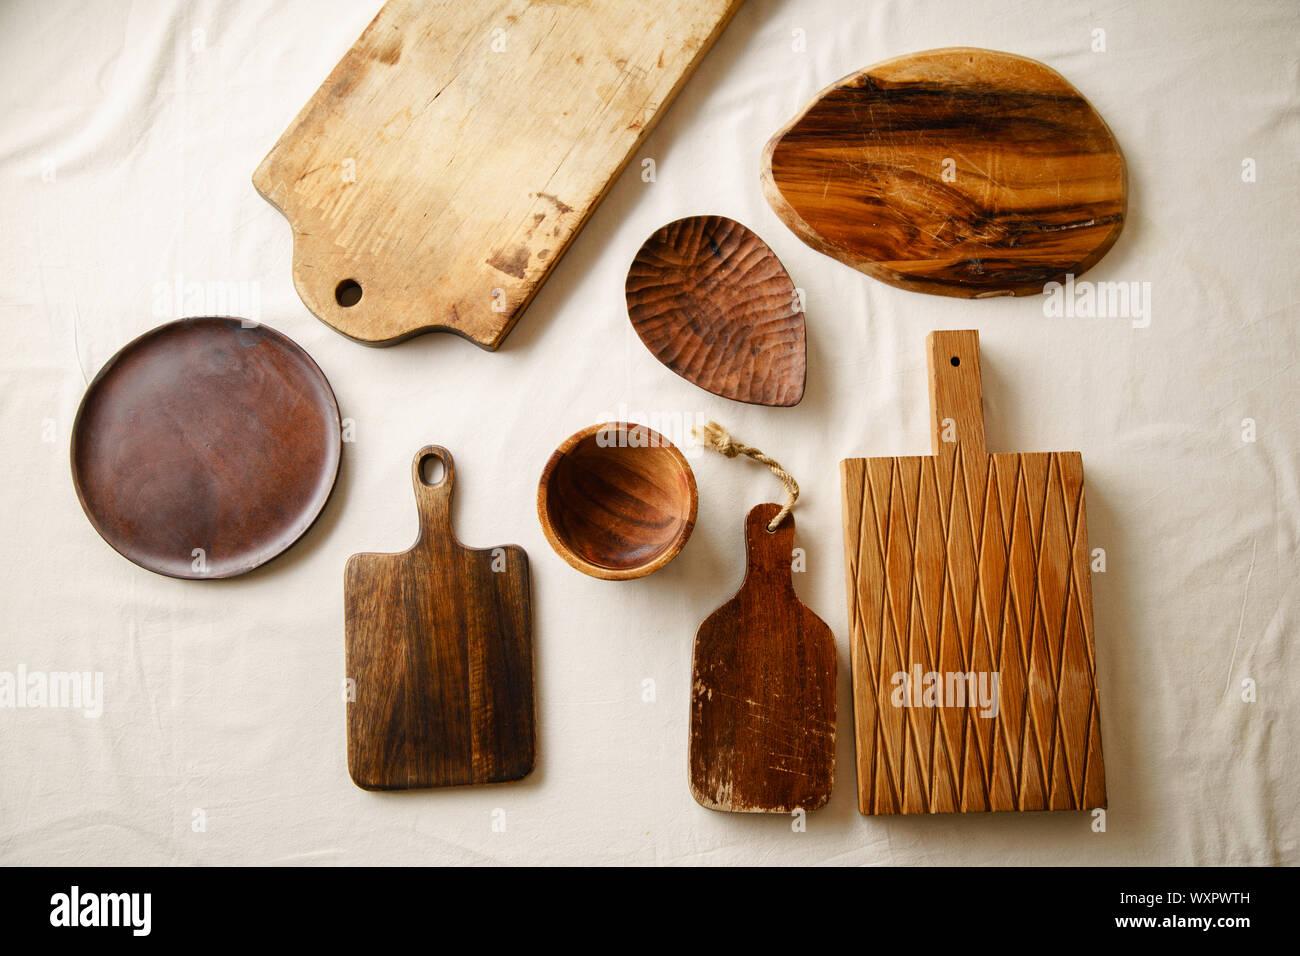 Vari articoli per la tavola in legno. I taglieri, piastra e ciotola sulla tovaglia di lino Foto Stock